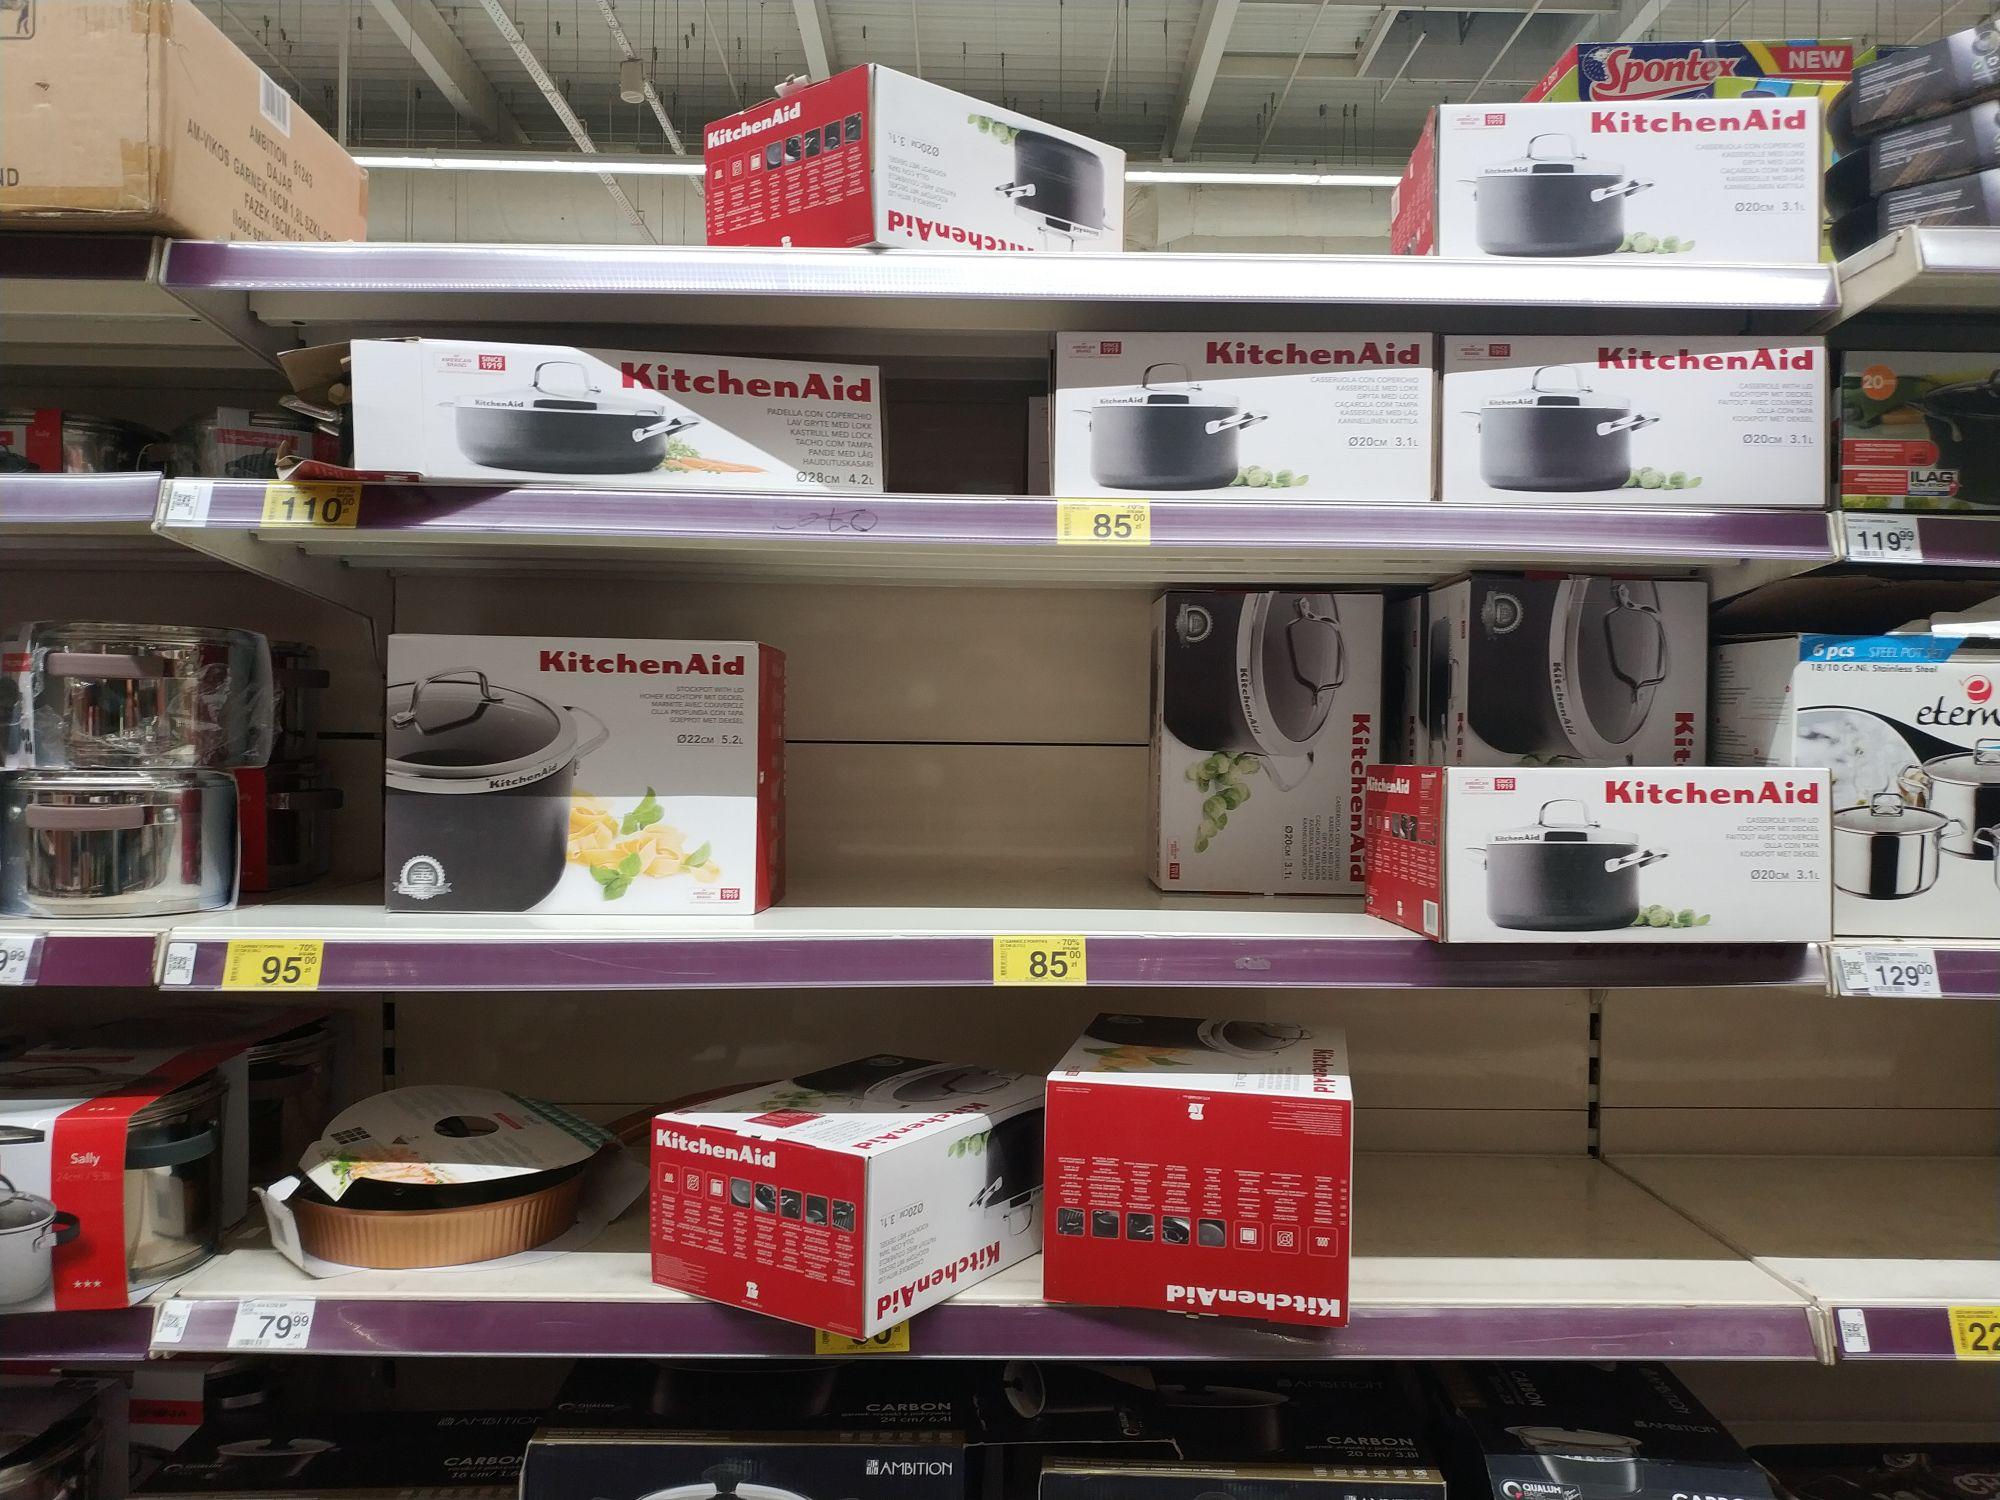 Garnki Kitchenaid za 30% ceny w Carrefour Plejada Sosnowiec